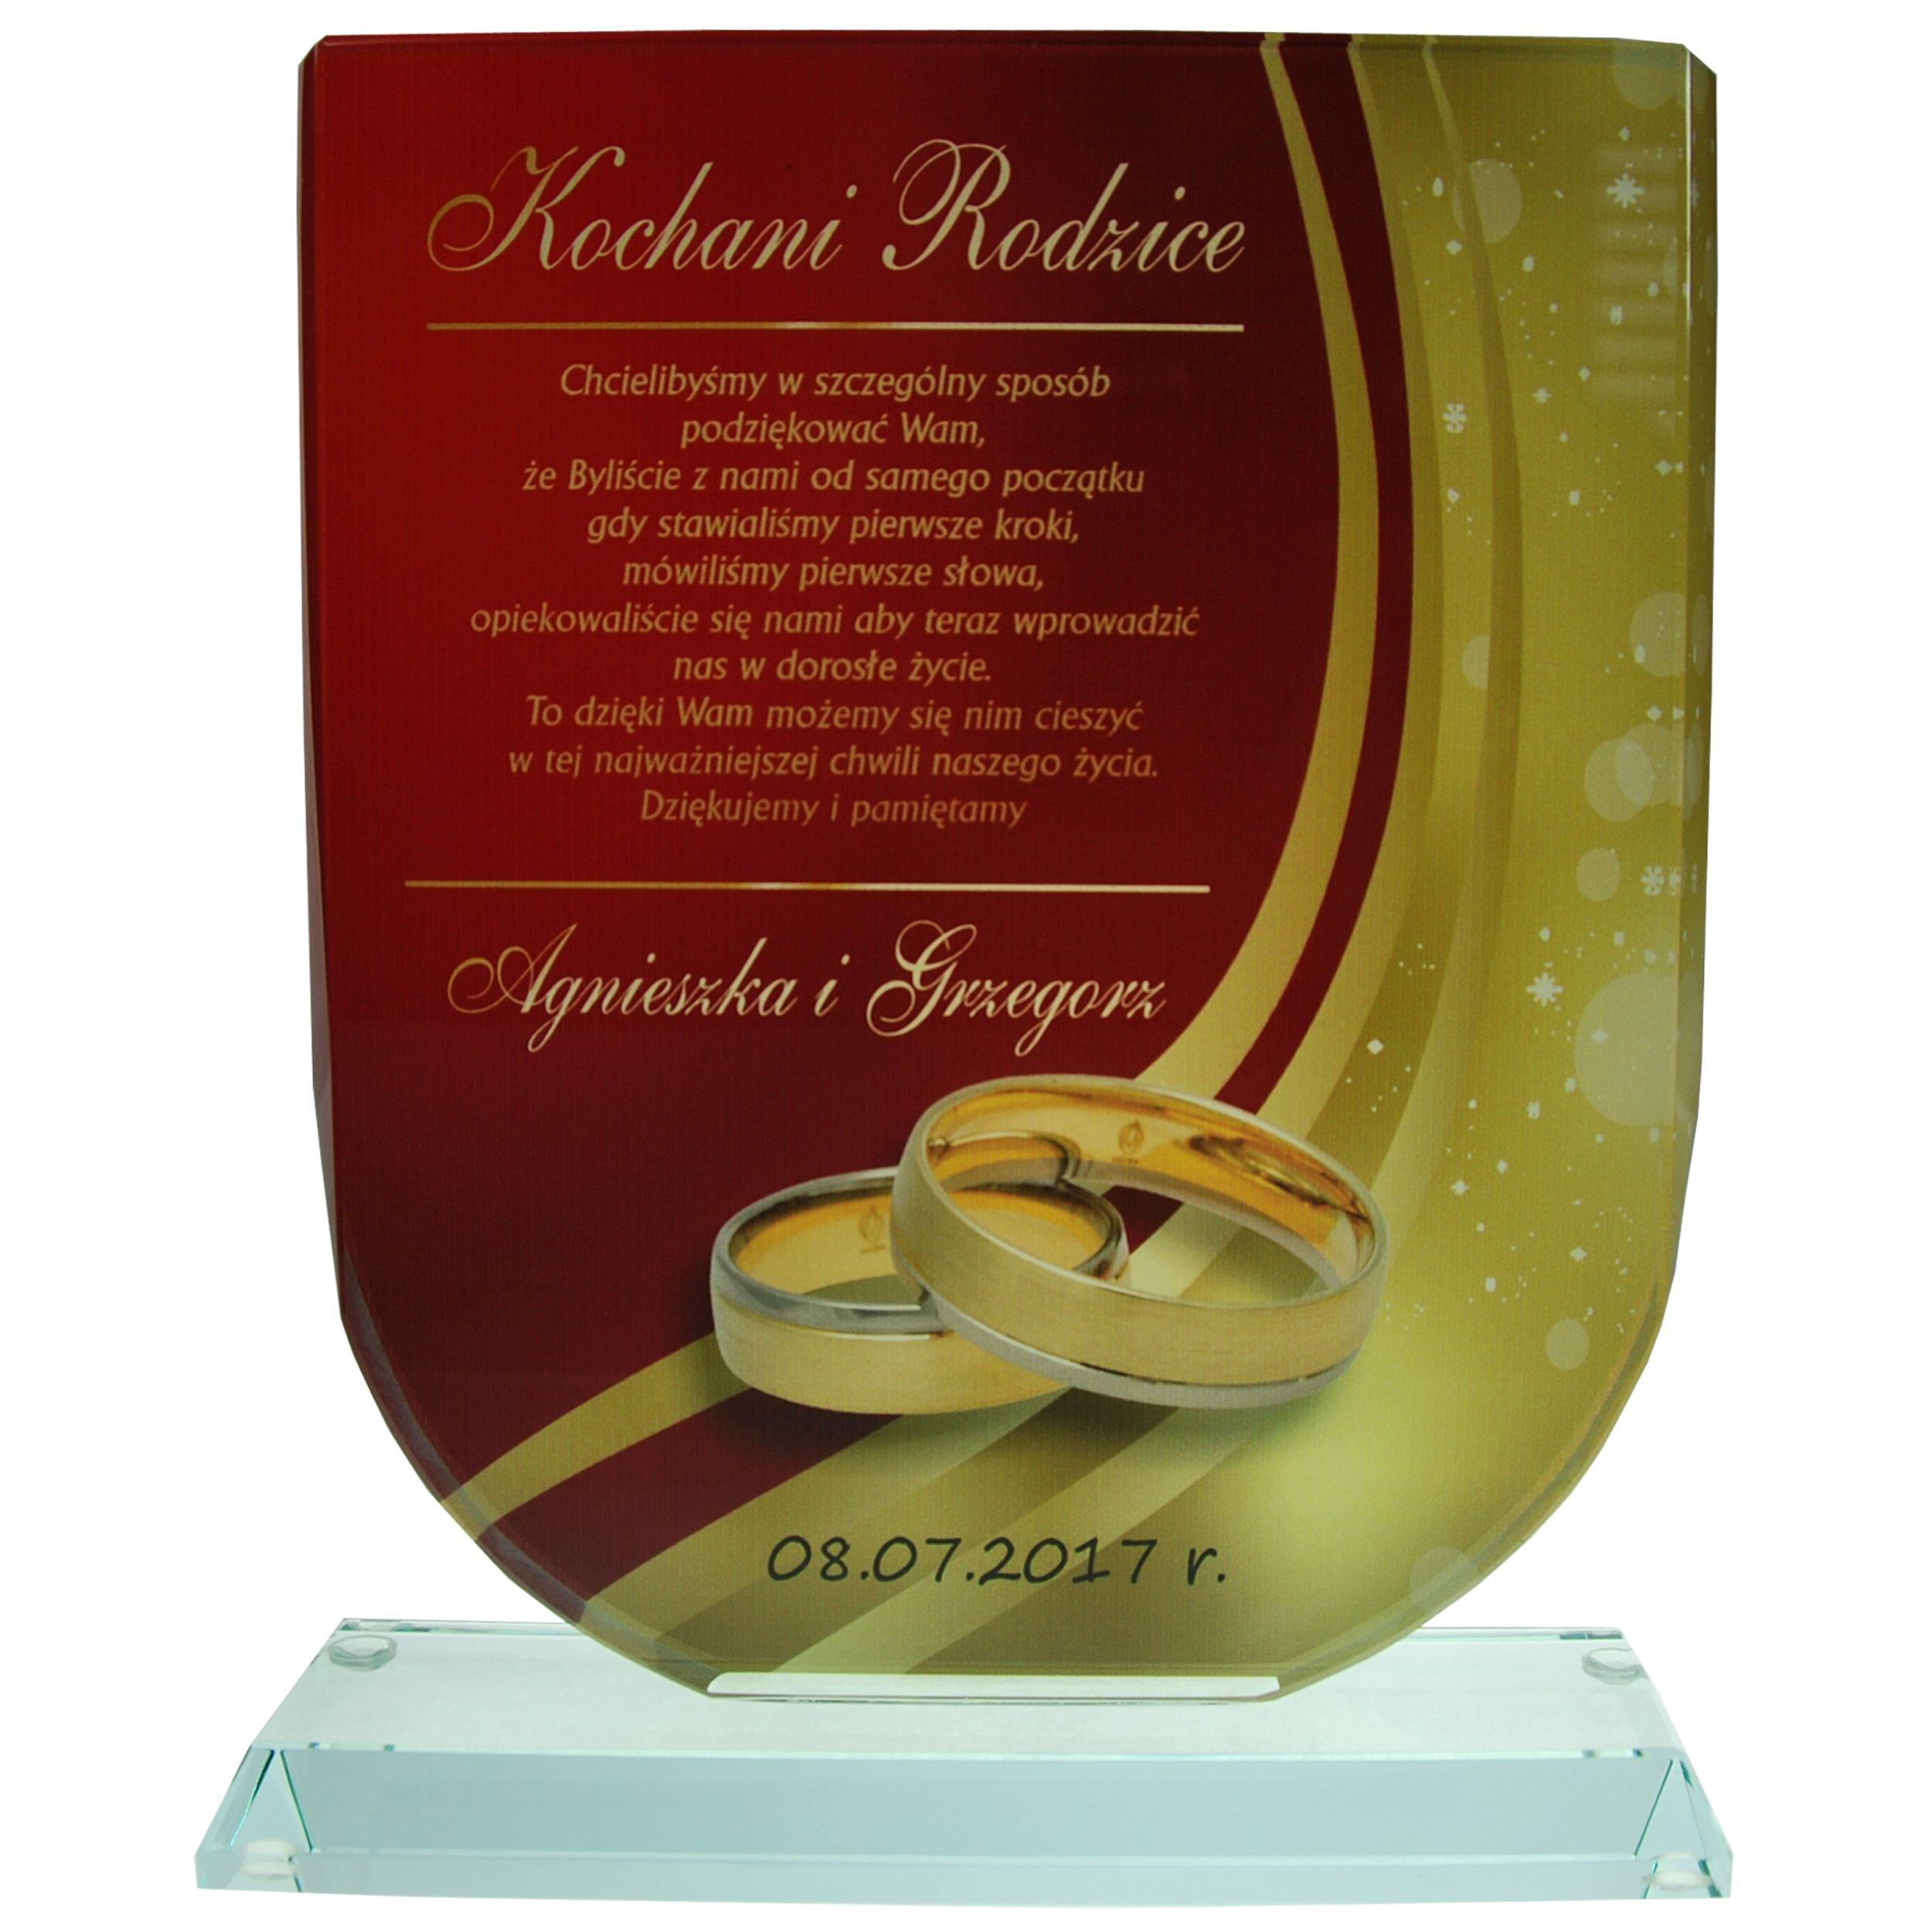 6de5ec478a47dd Szklane trofeum z indywidualną dedykacją rodziców - 7090380432 ...